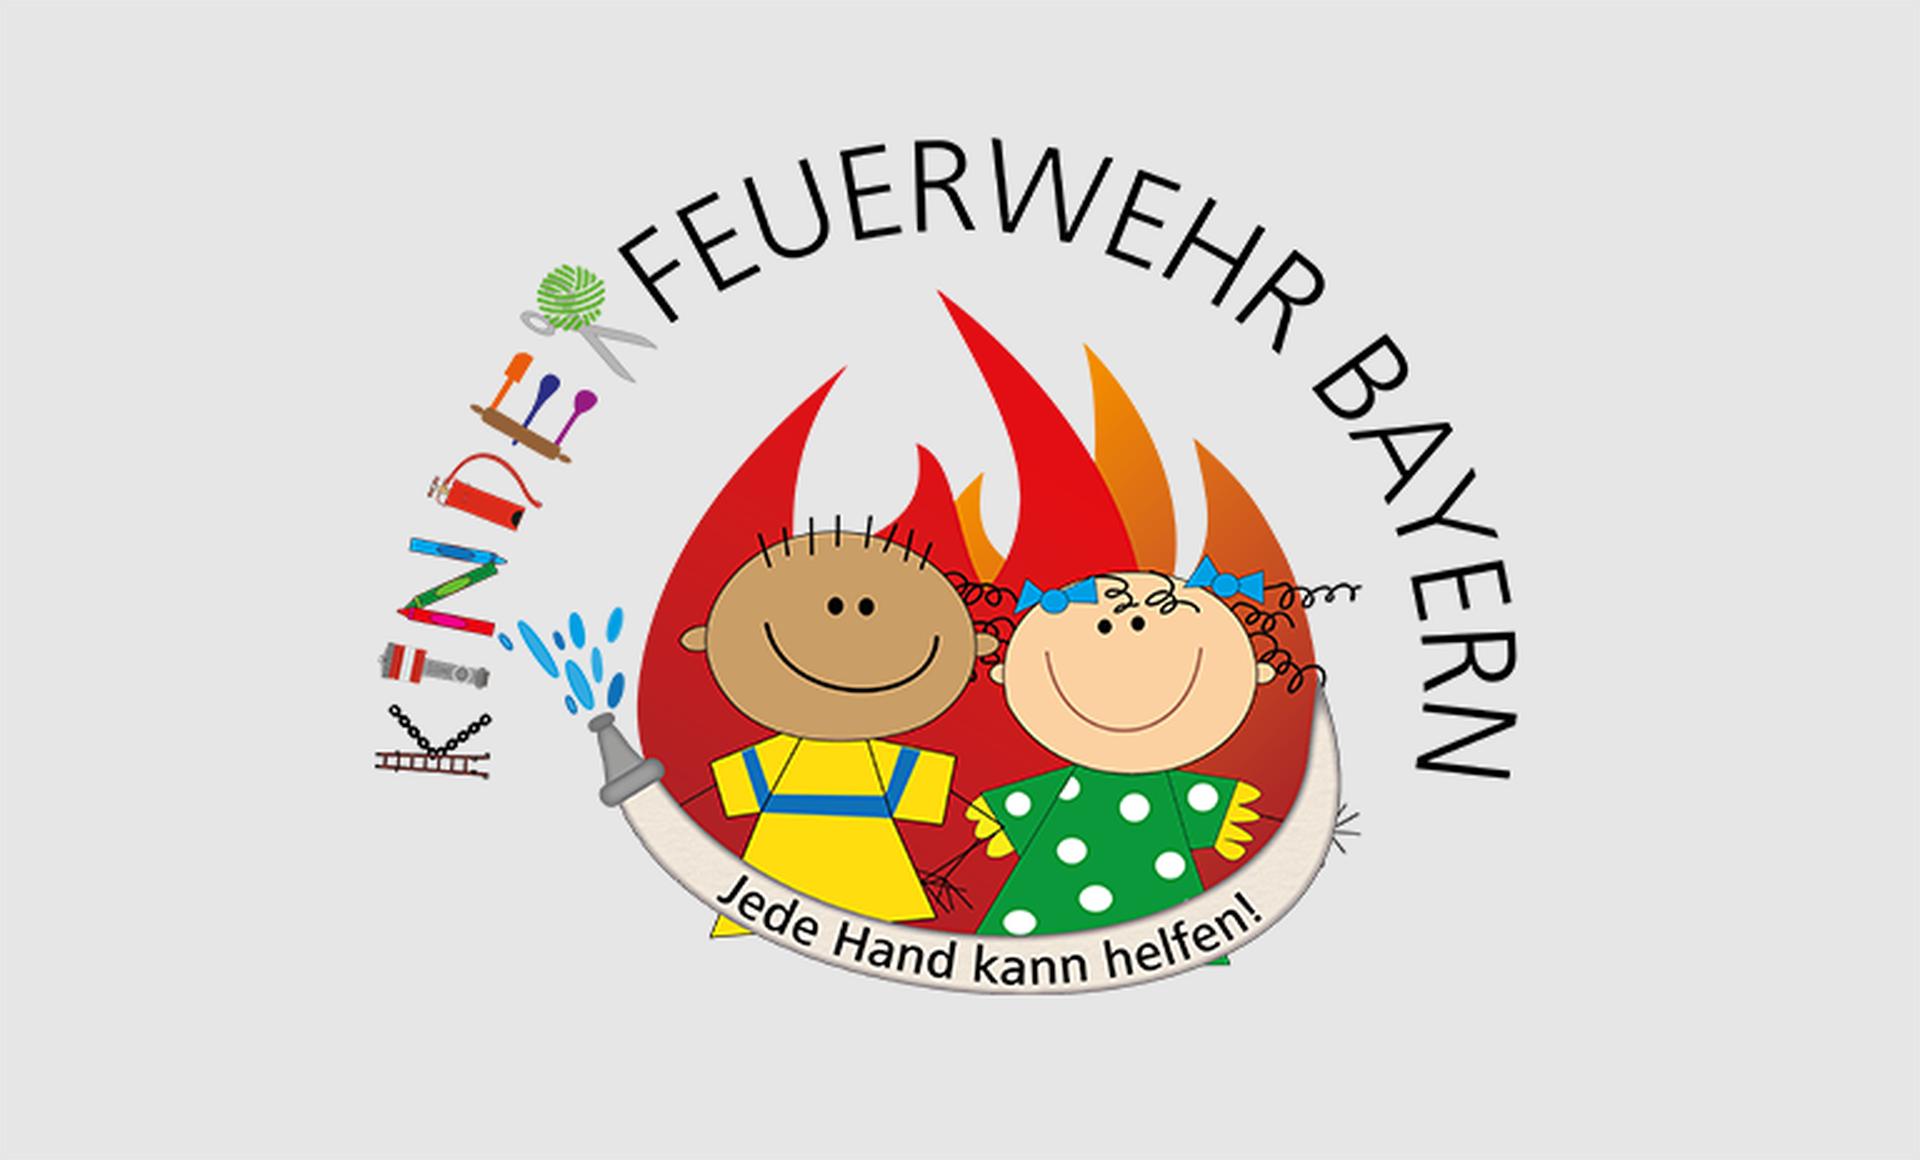 Kinderfeuerwehr Der Feuerwehr Großostheim Feiert 10 Jähriges